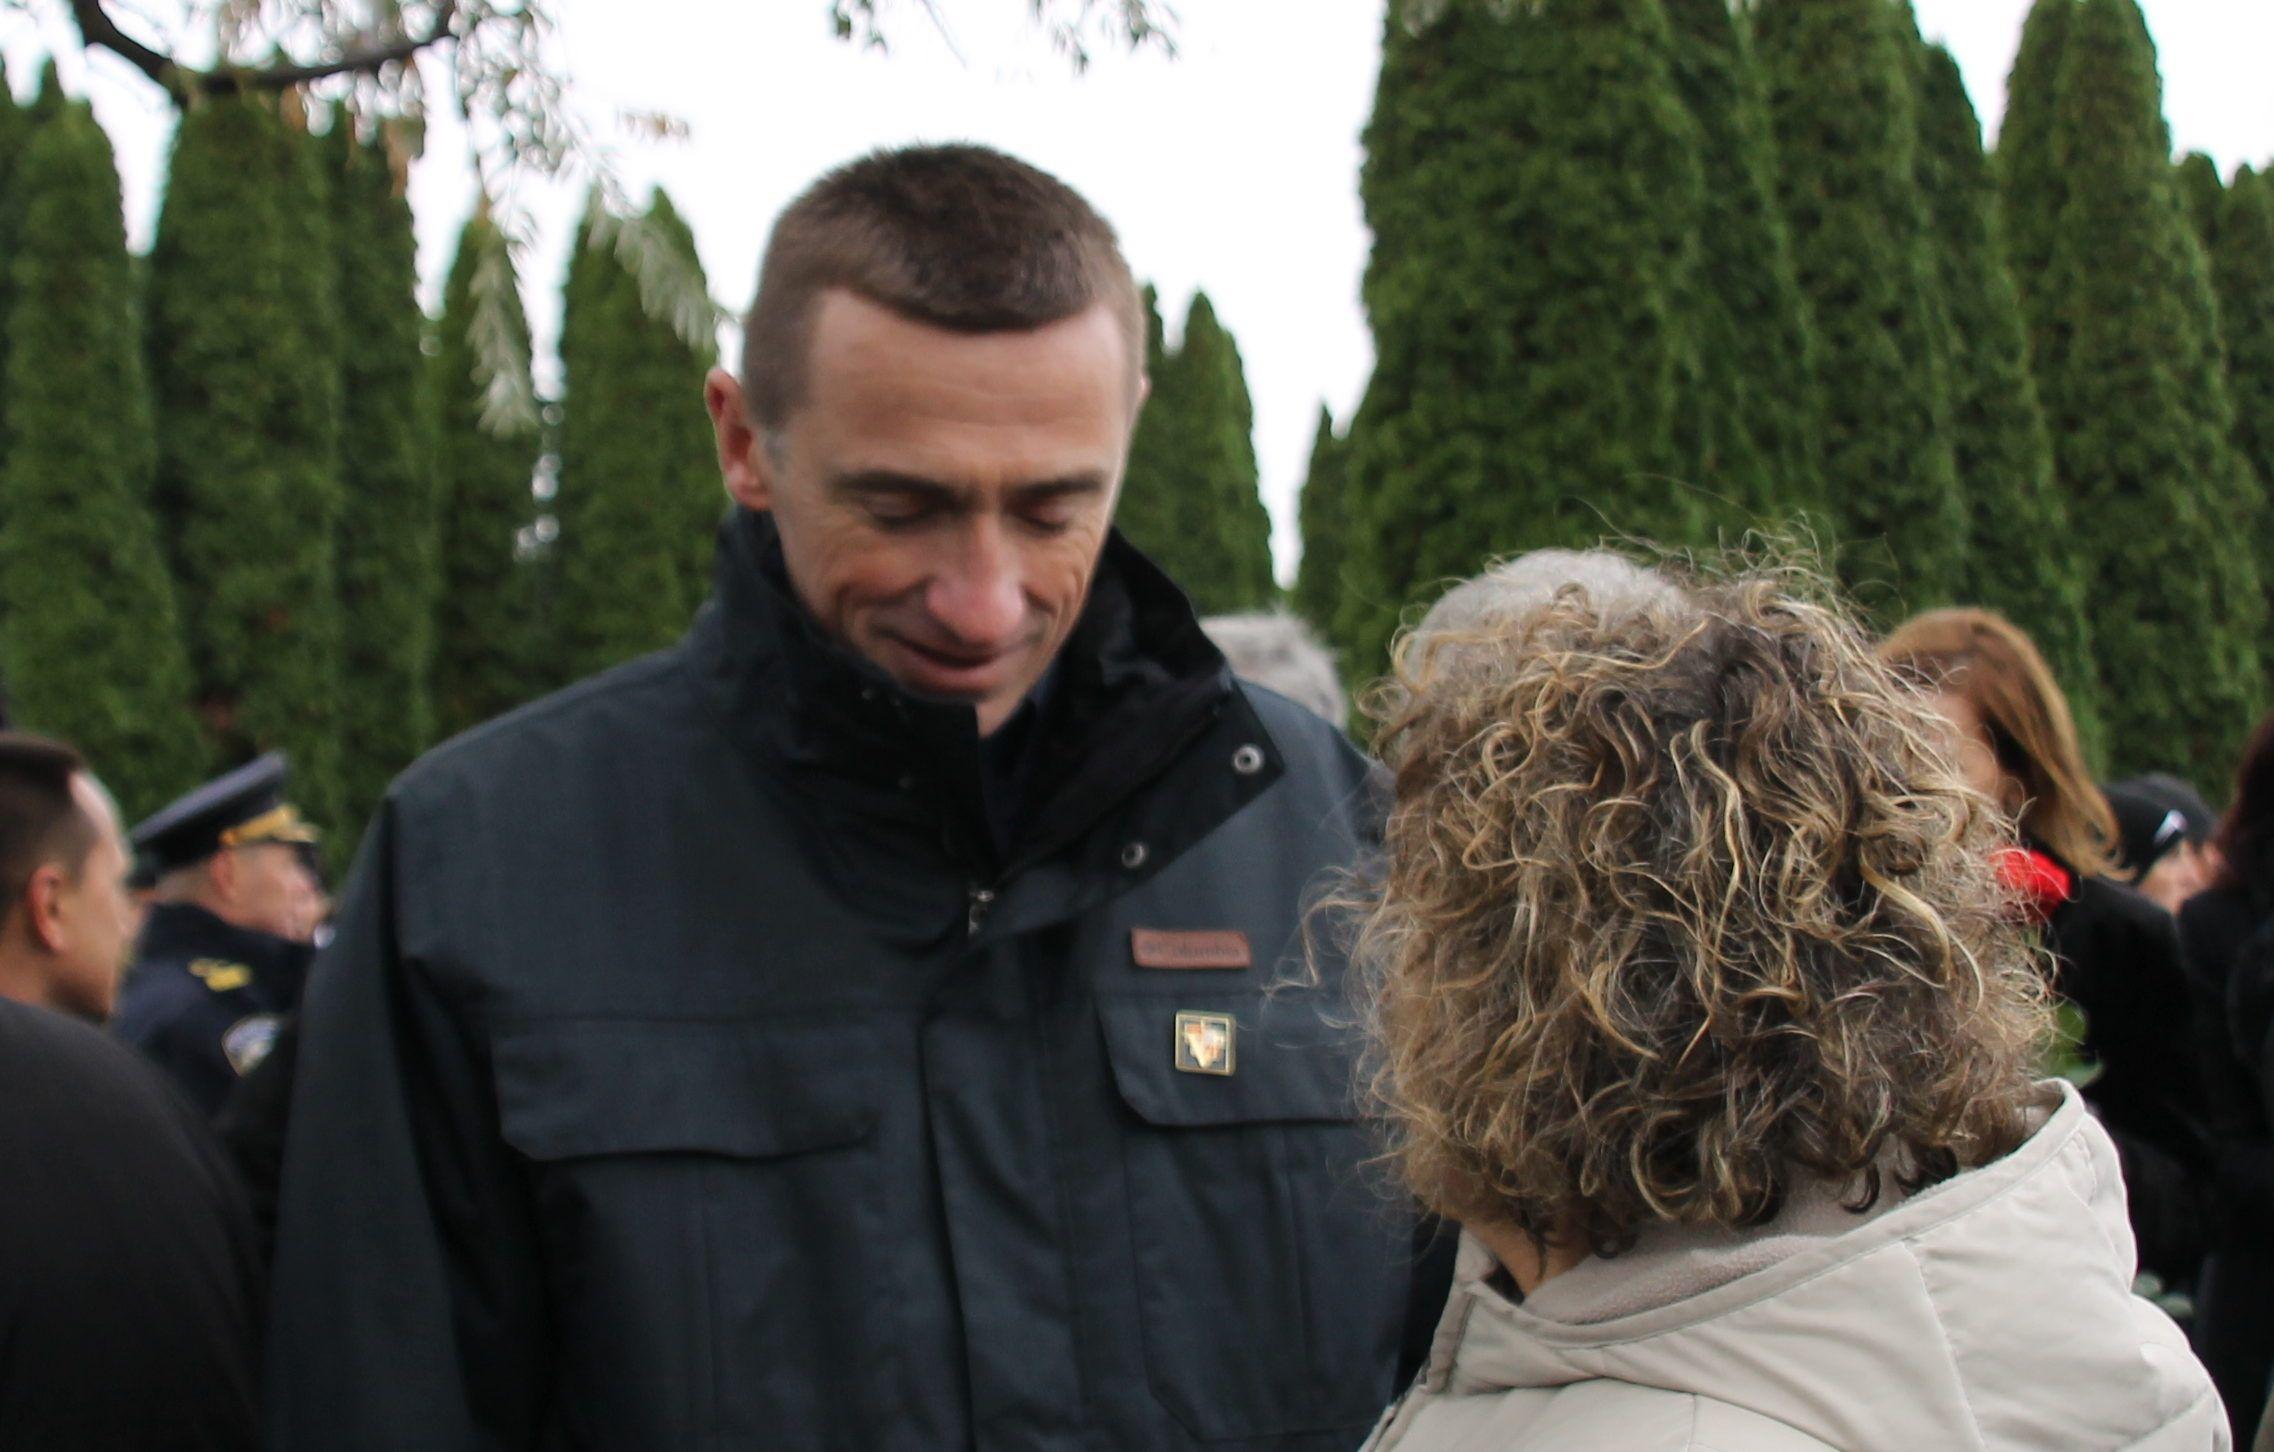 Gradonačelnik Vukovara Penava: Današnja sjednica i odluka Gradskog vijeća u skladu s odlukom Ustavnog suda